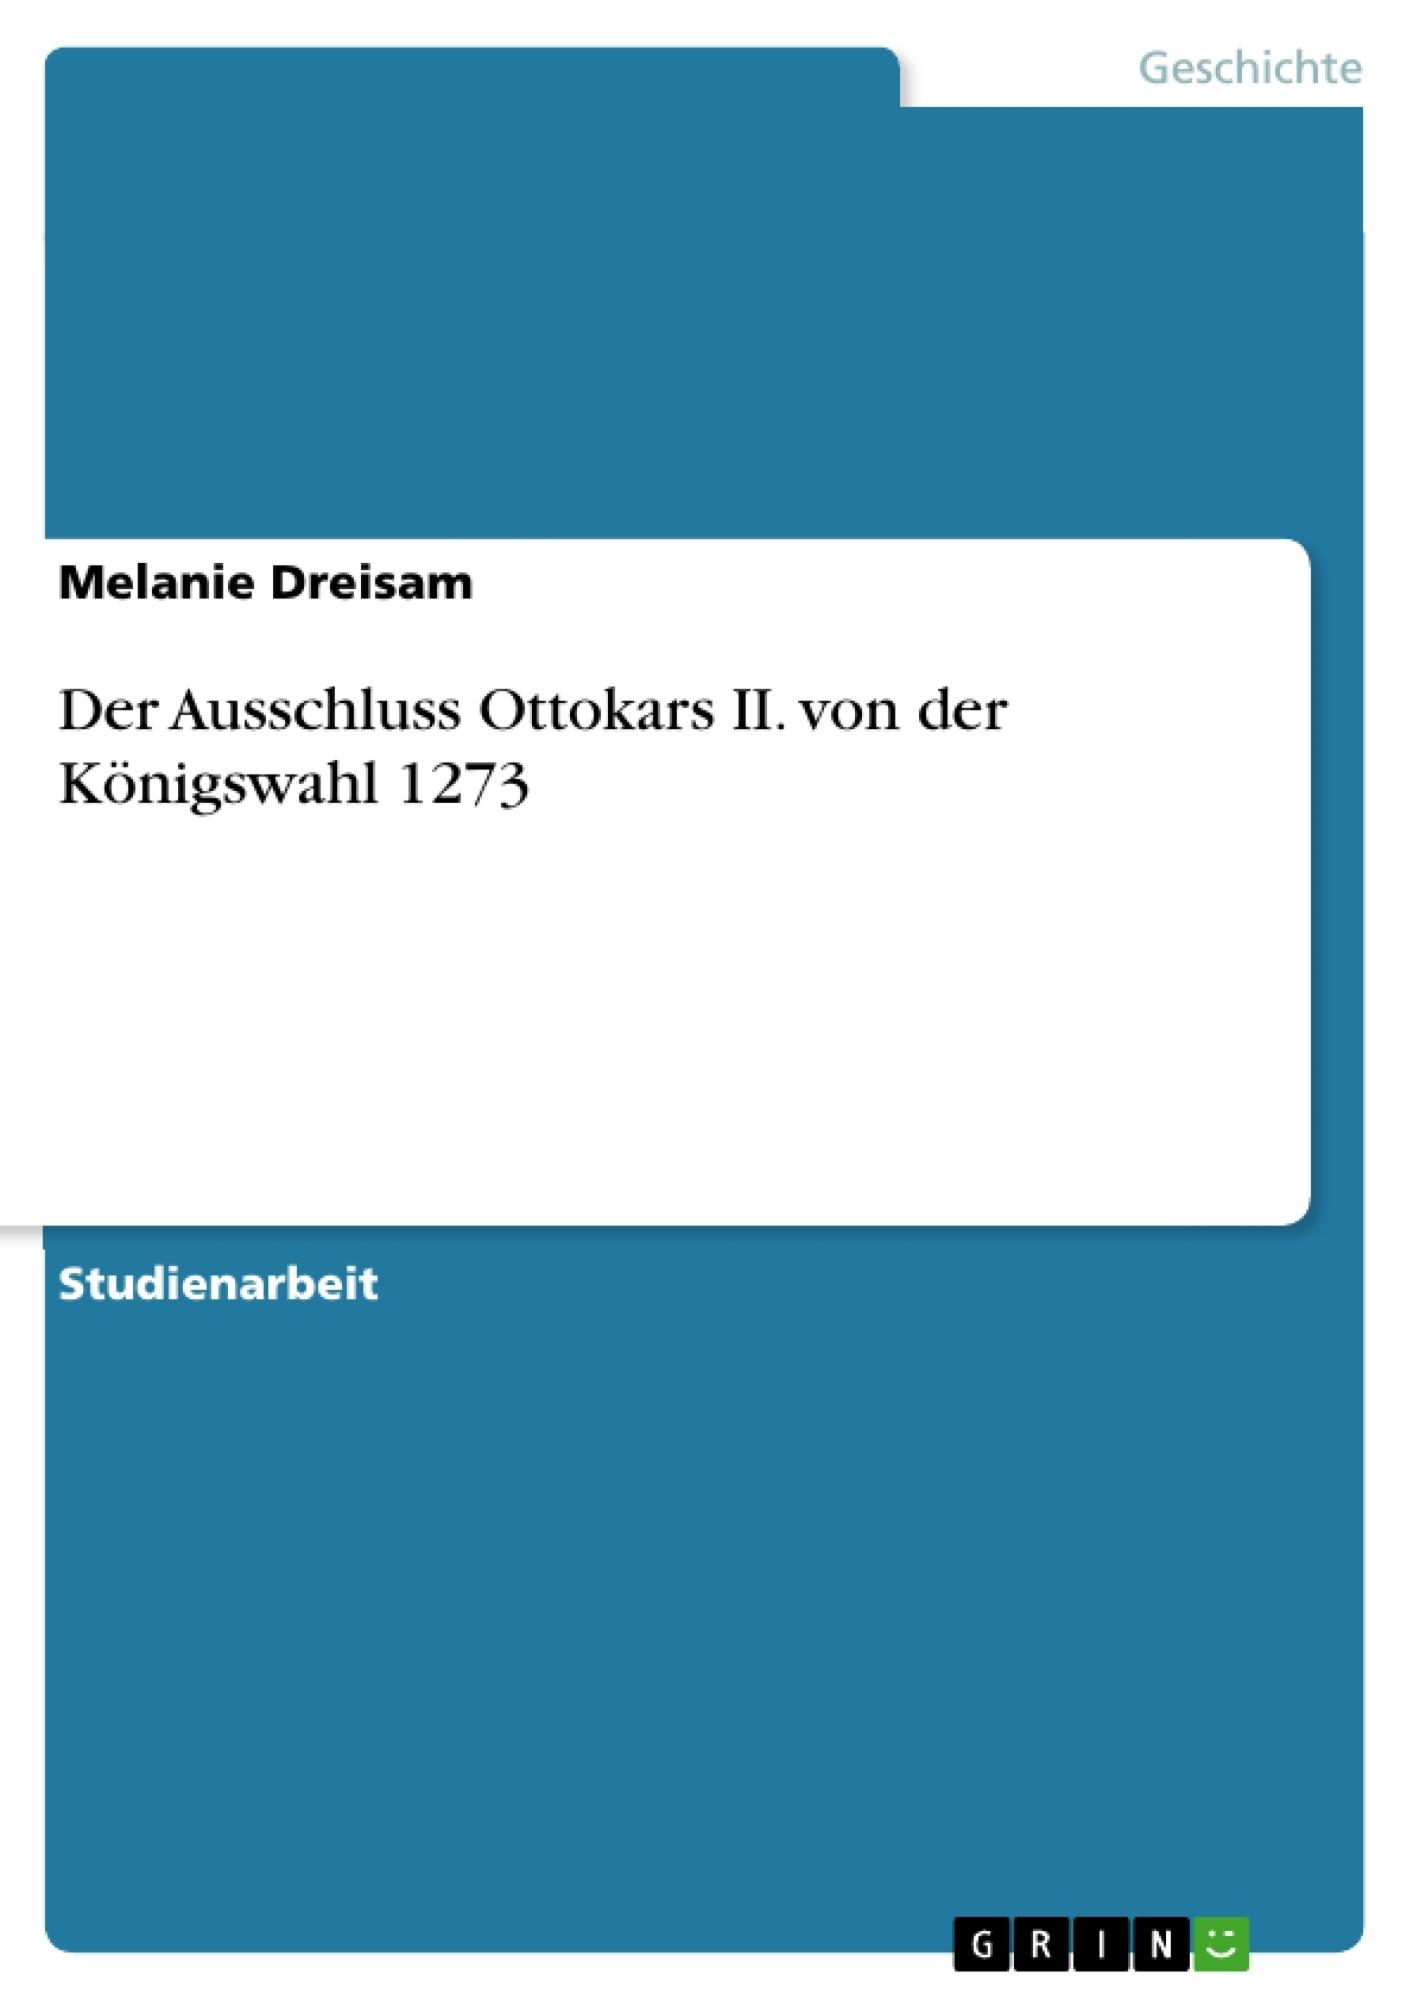 Titel: Der Ausschluss Ottokars II. von der Königswahl 1273